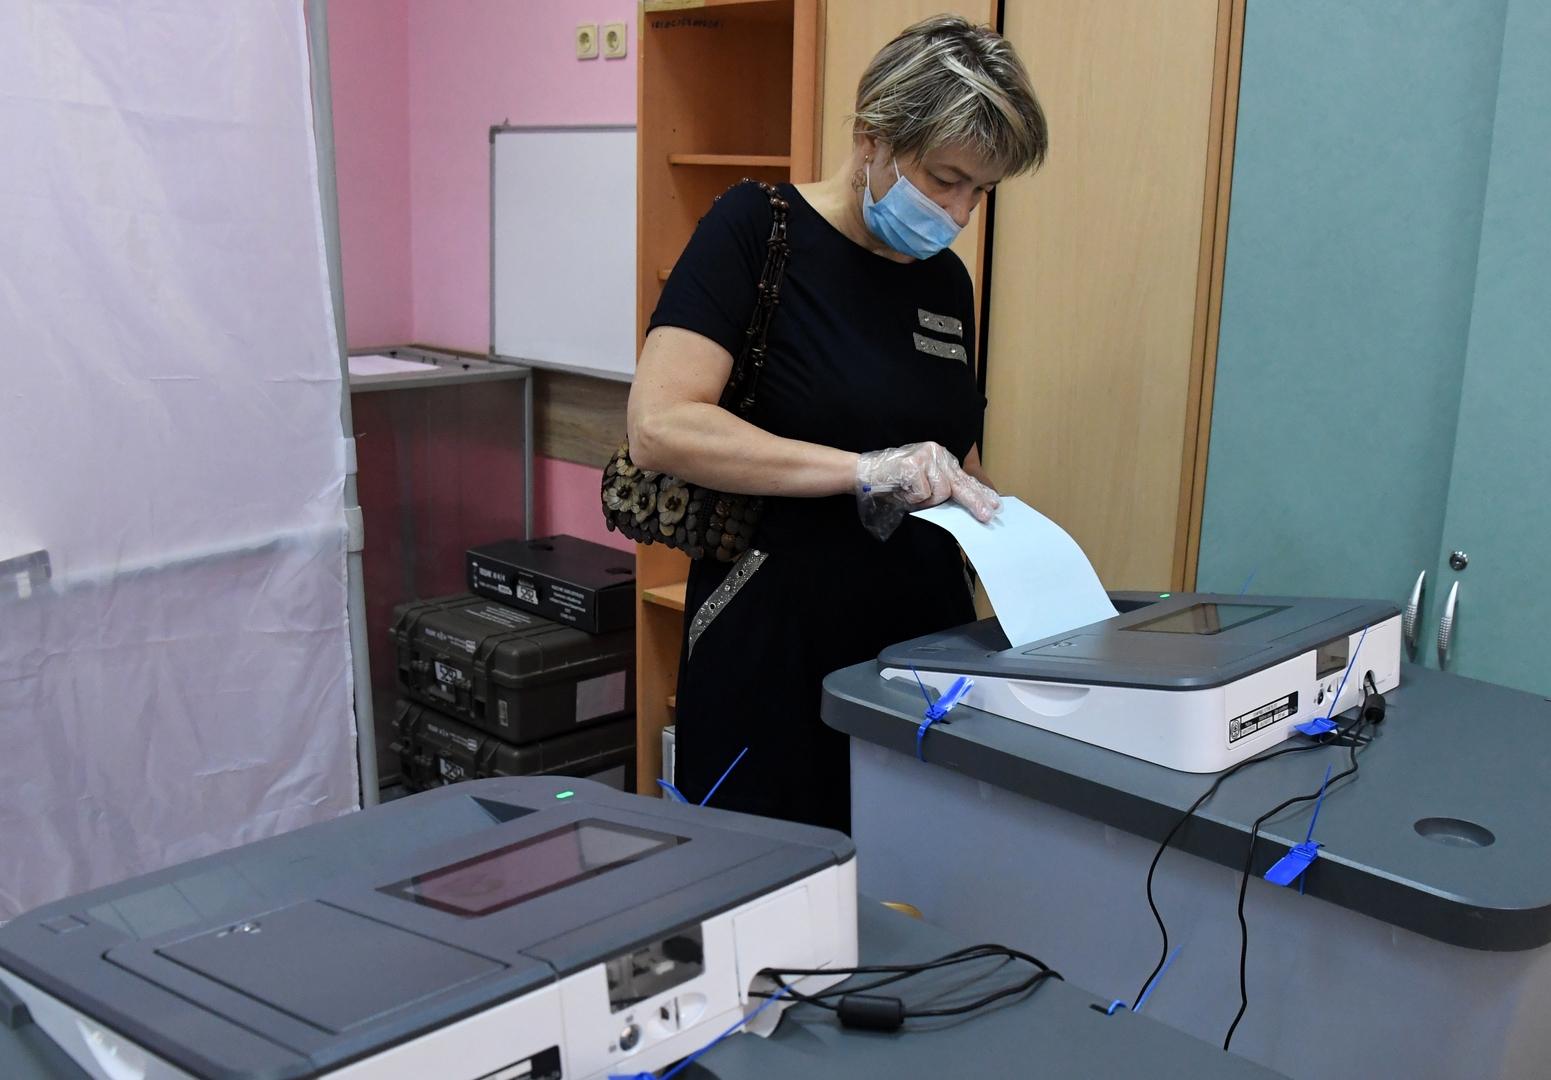 Eine Frau wirft ihren Wahlzettel in eine Wahlurne in einem Wahllokal in Wladiwostok, 1. Juli 2020.